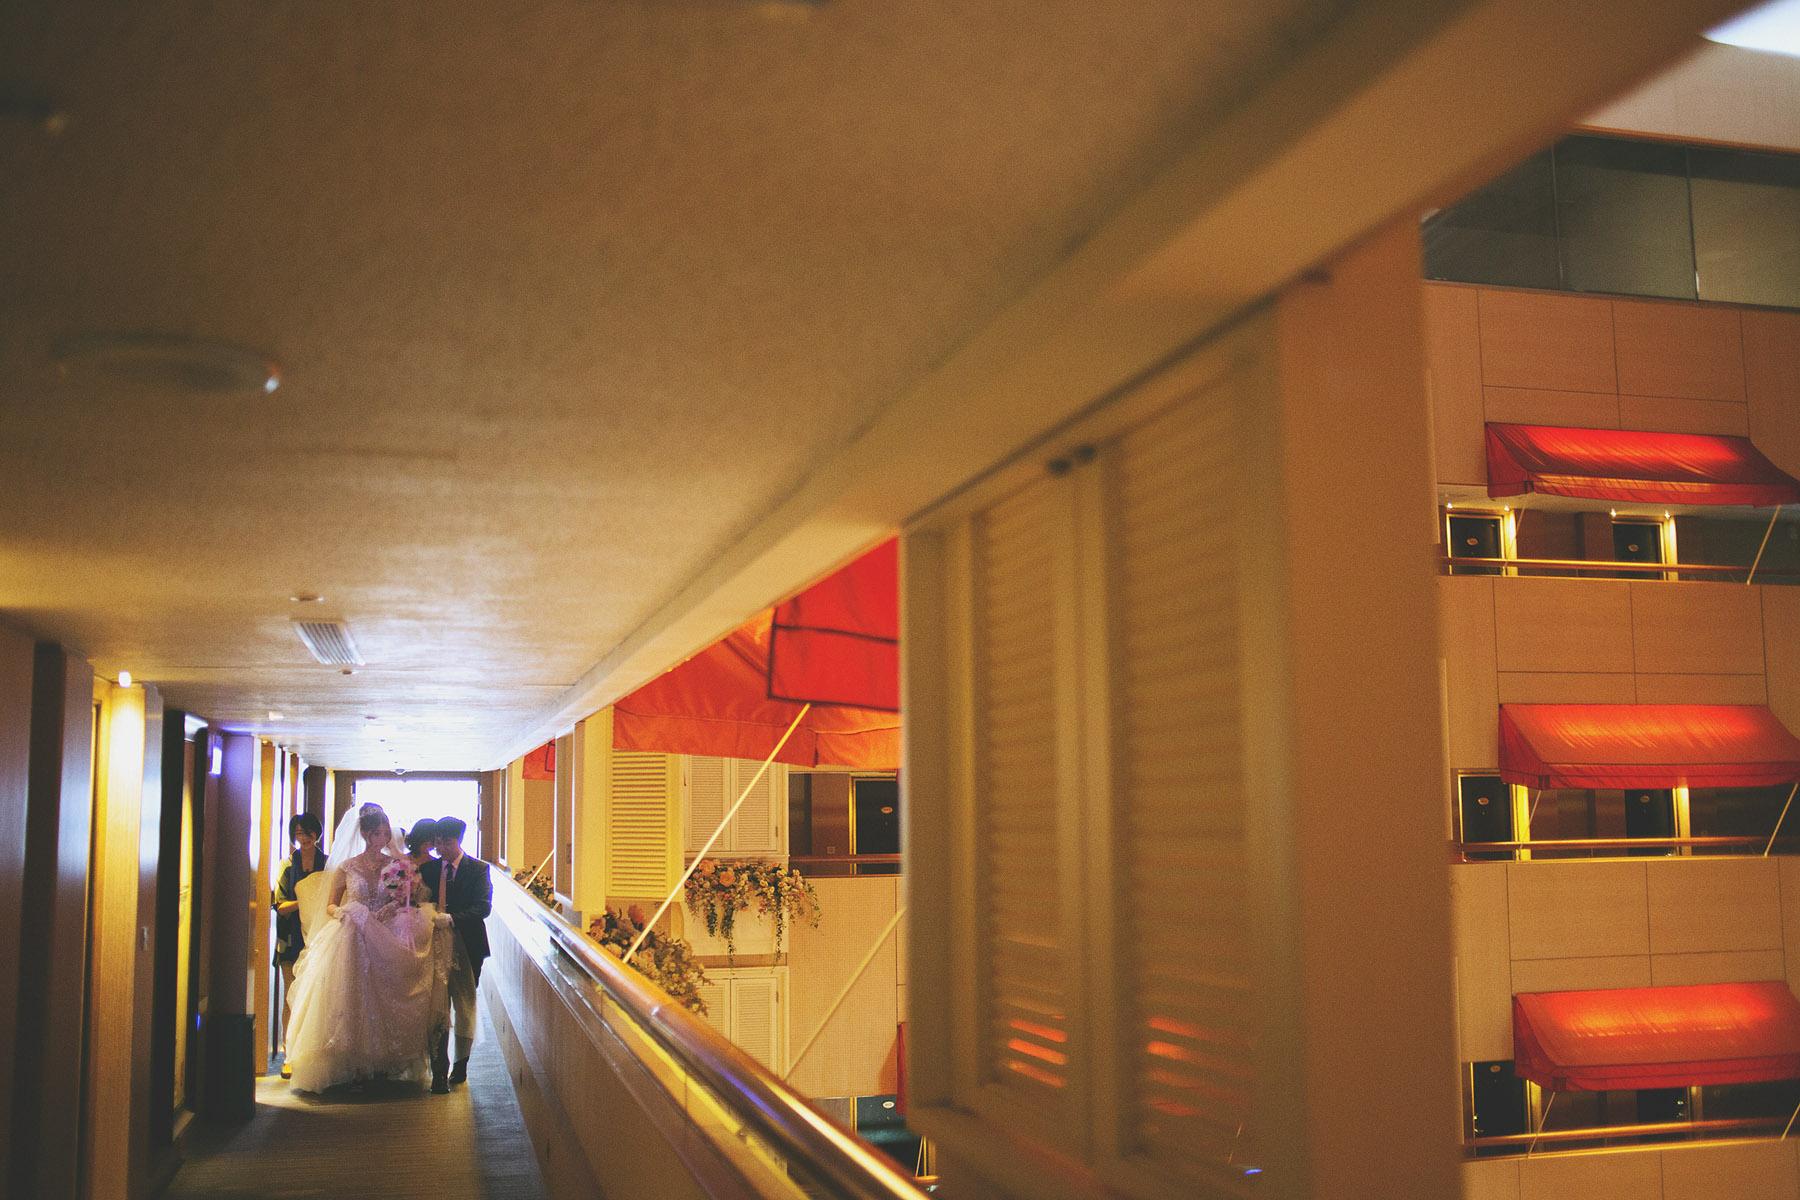 底片婚攝,婚禮攝影,婚禮攝影師推薦,台北,翰品酒店,婚攝推薦,婚禮紀錄,電影風格